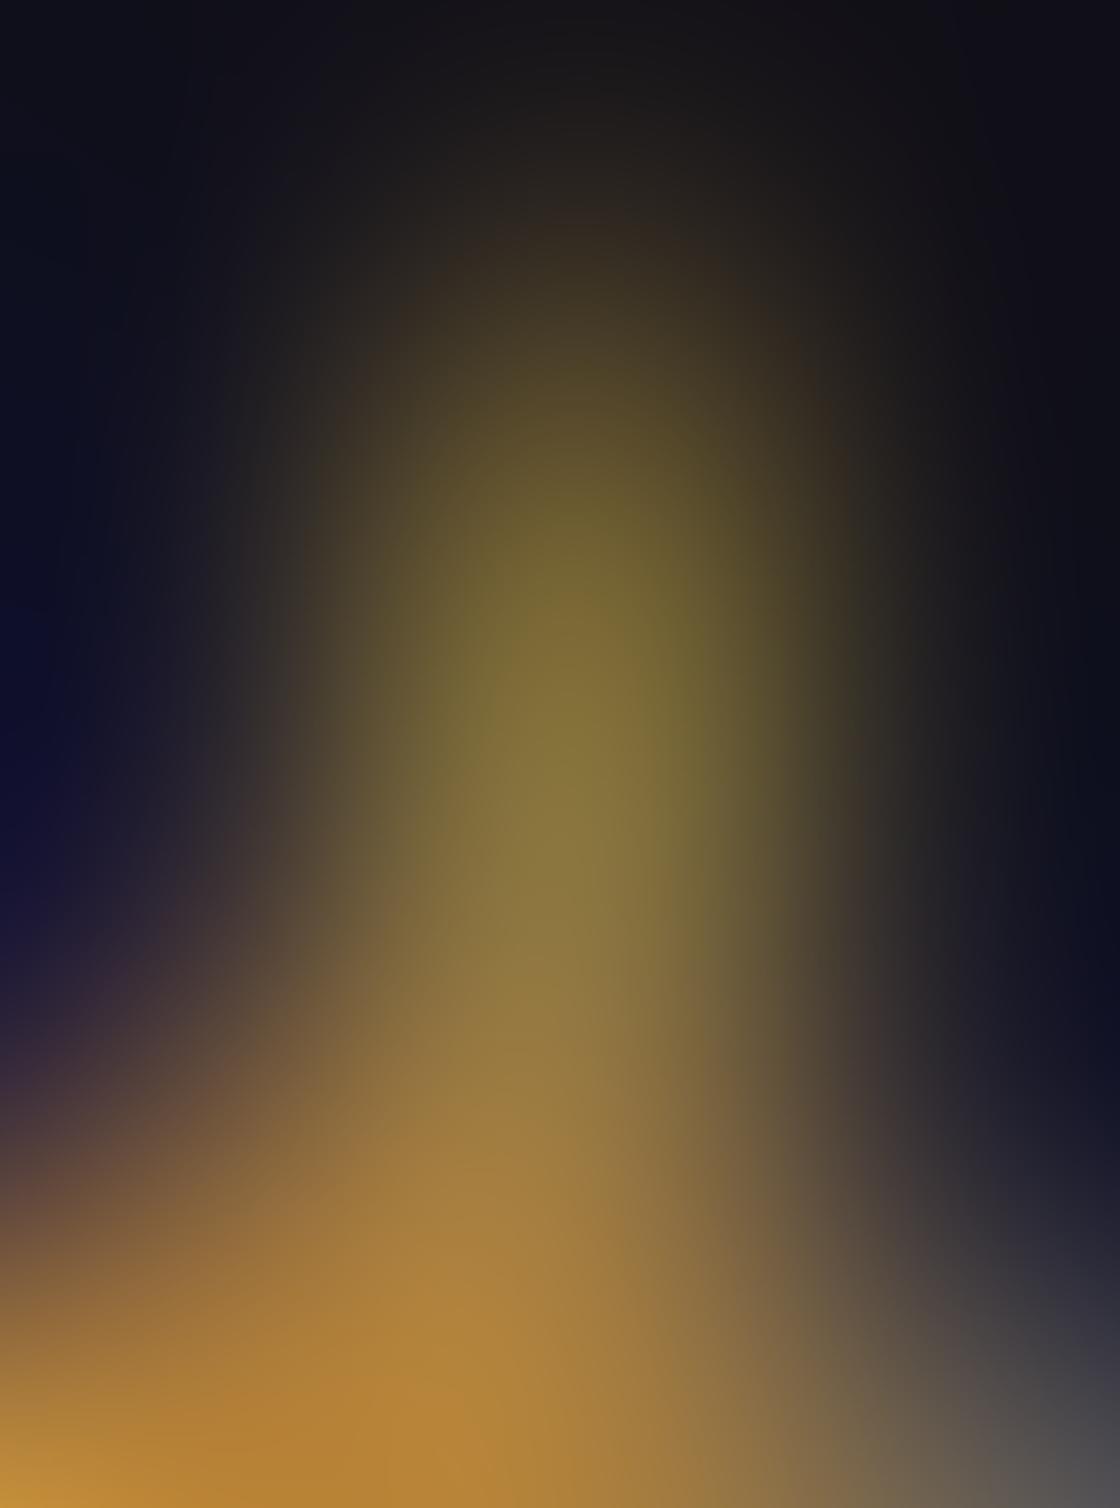 iPhone Photos Low Light 4